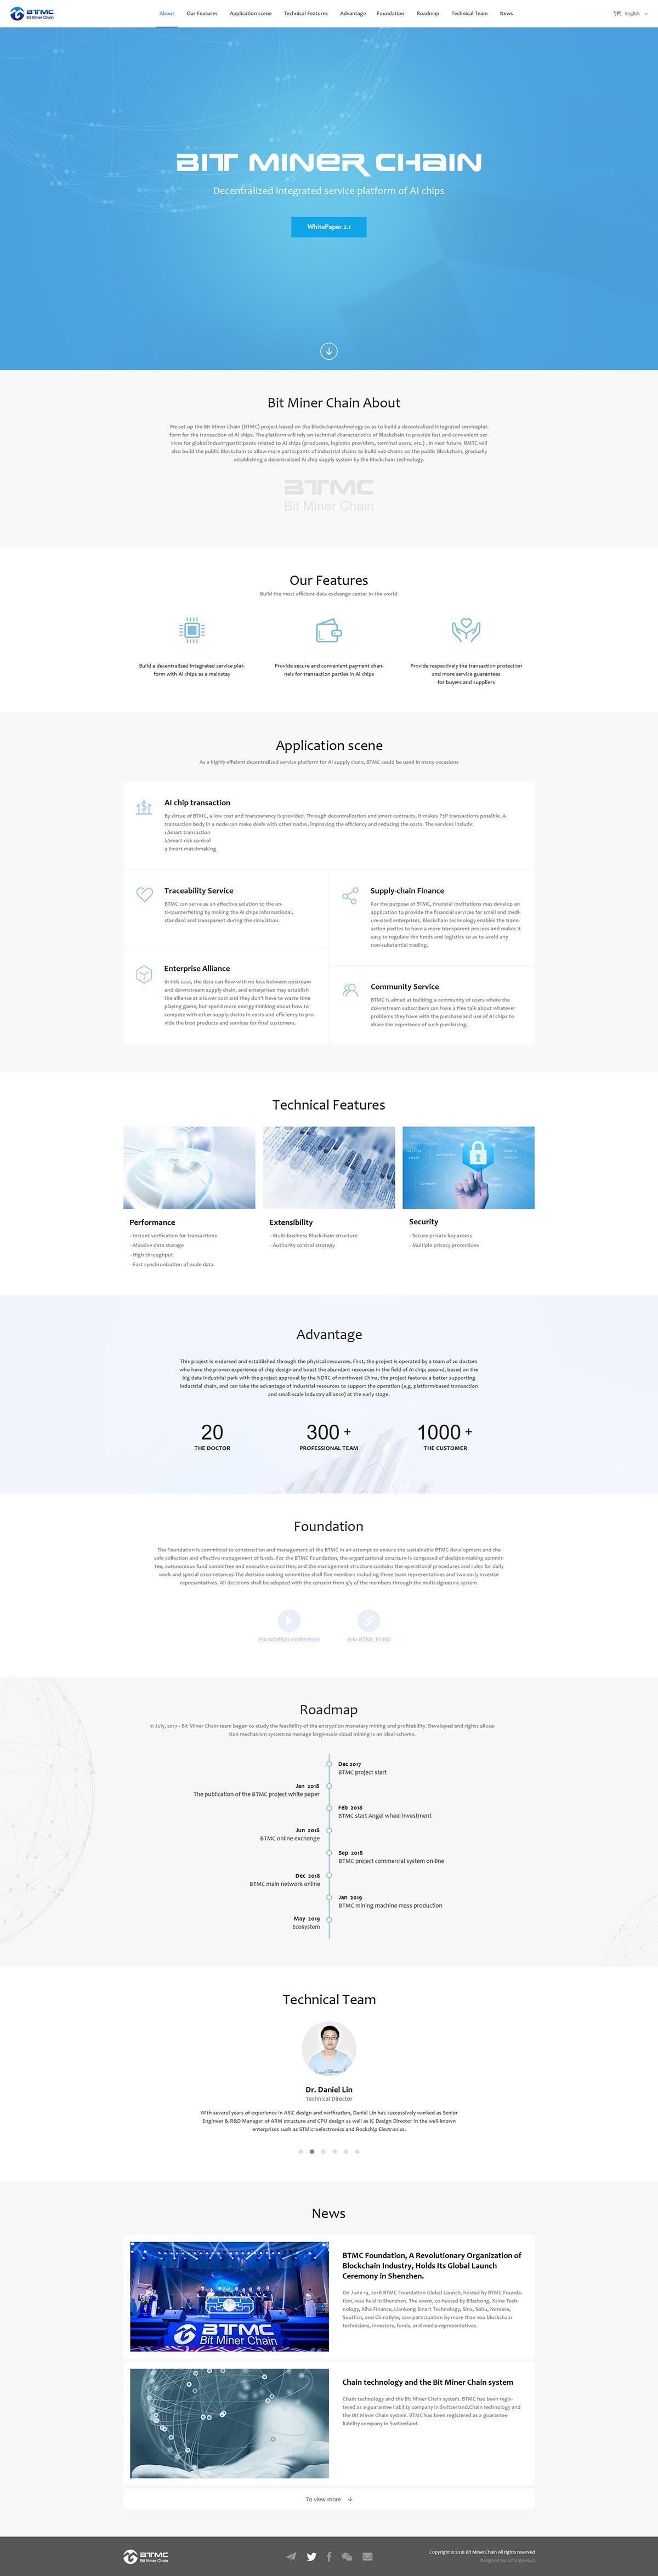 迅实科技BTMC网站案例